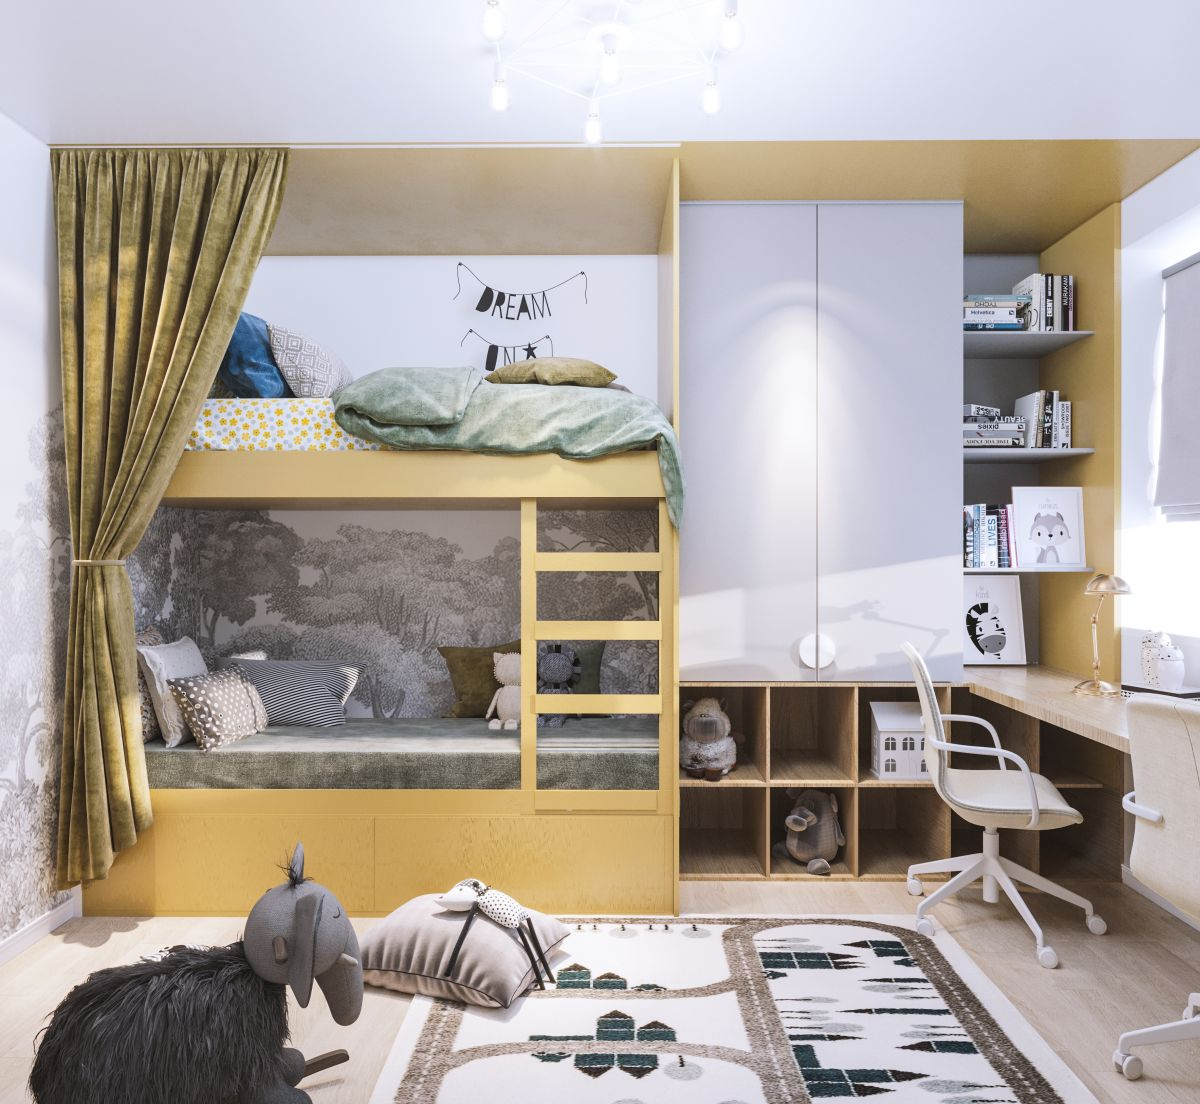 Combinație de galben gri este excelentă pentru camerele de copii.